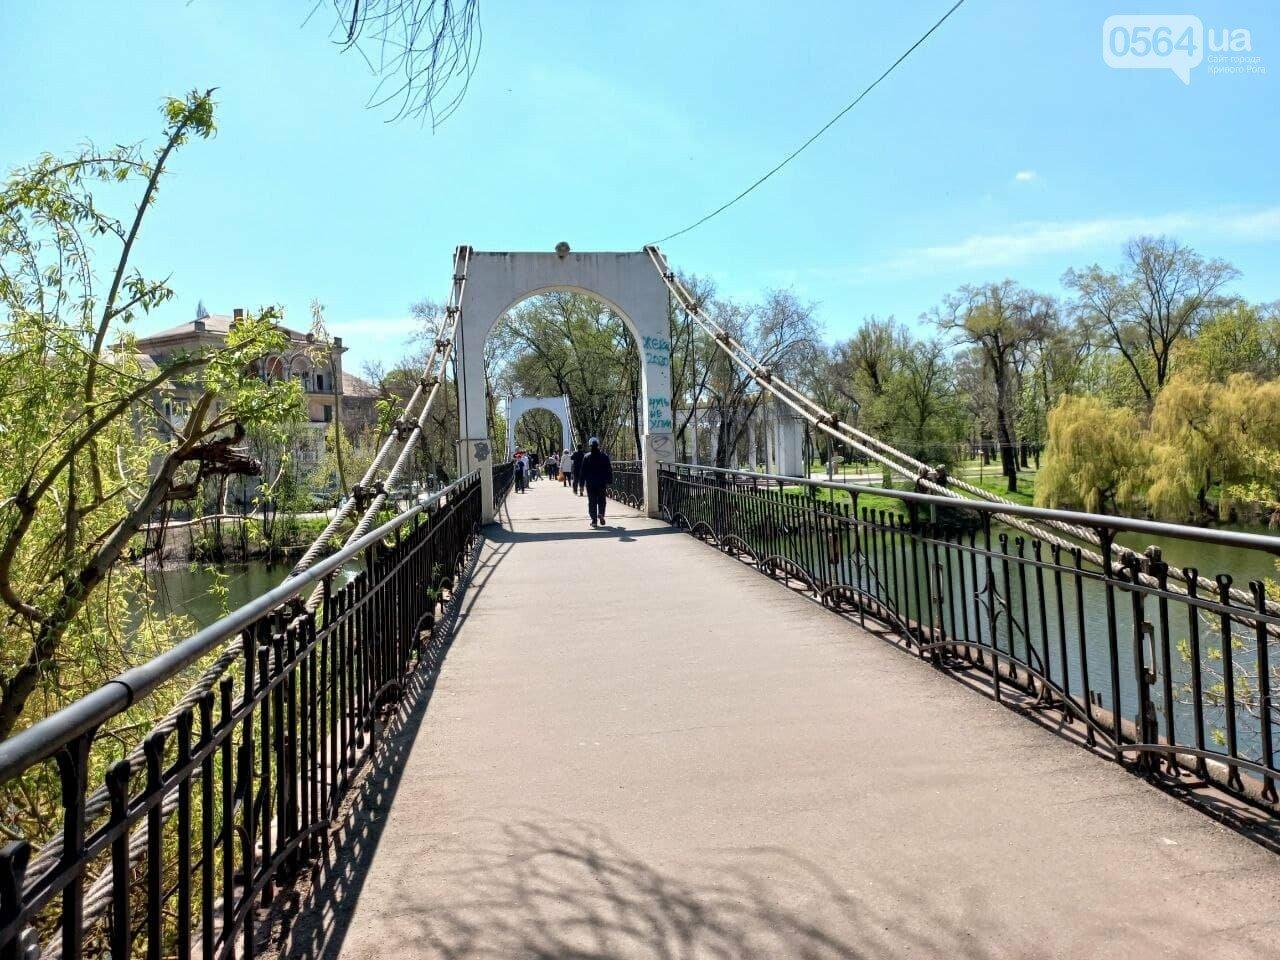 Свадебный, пешеходный, железнодорожный, - история создания криворожских мостов, - ФОТО, фото-7